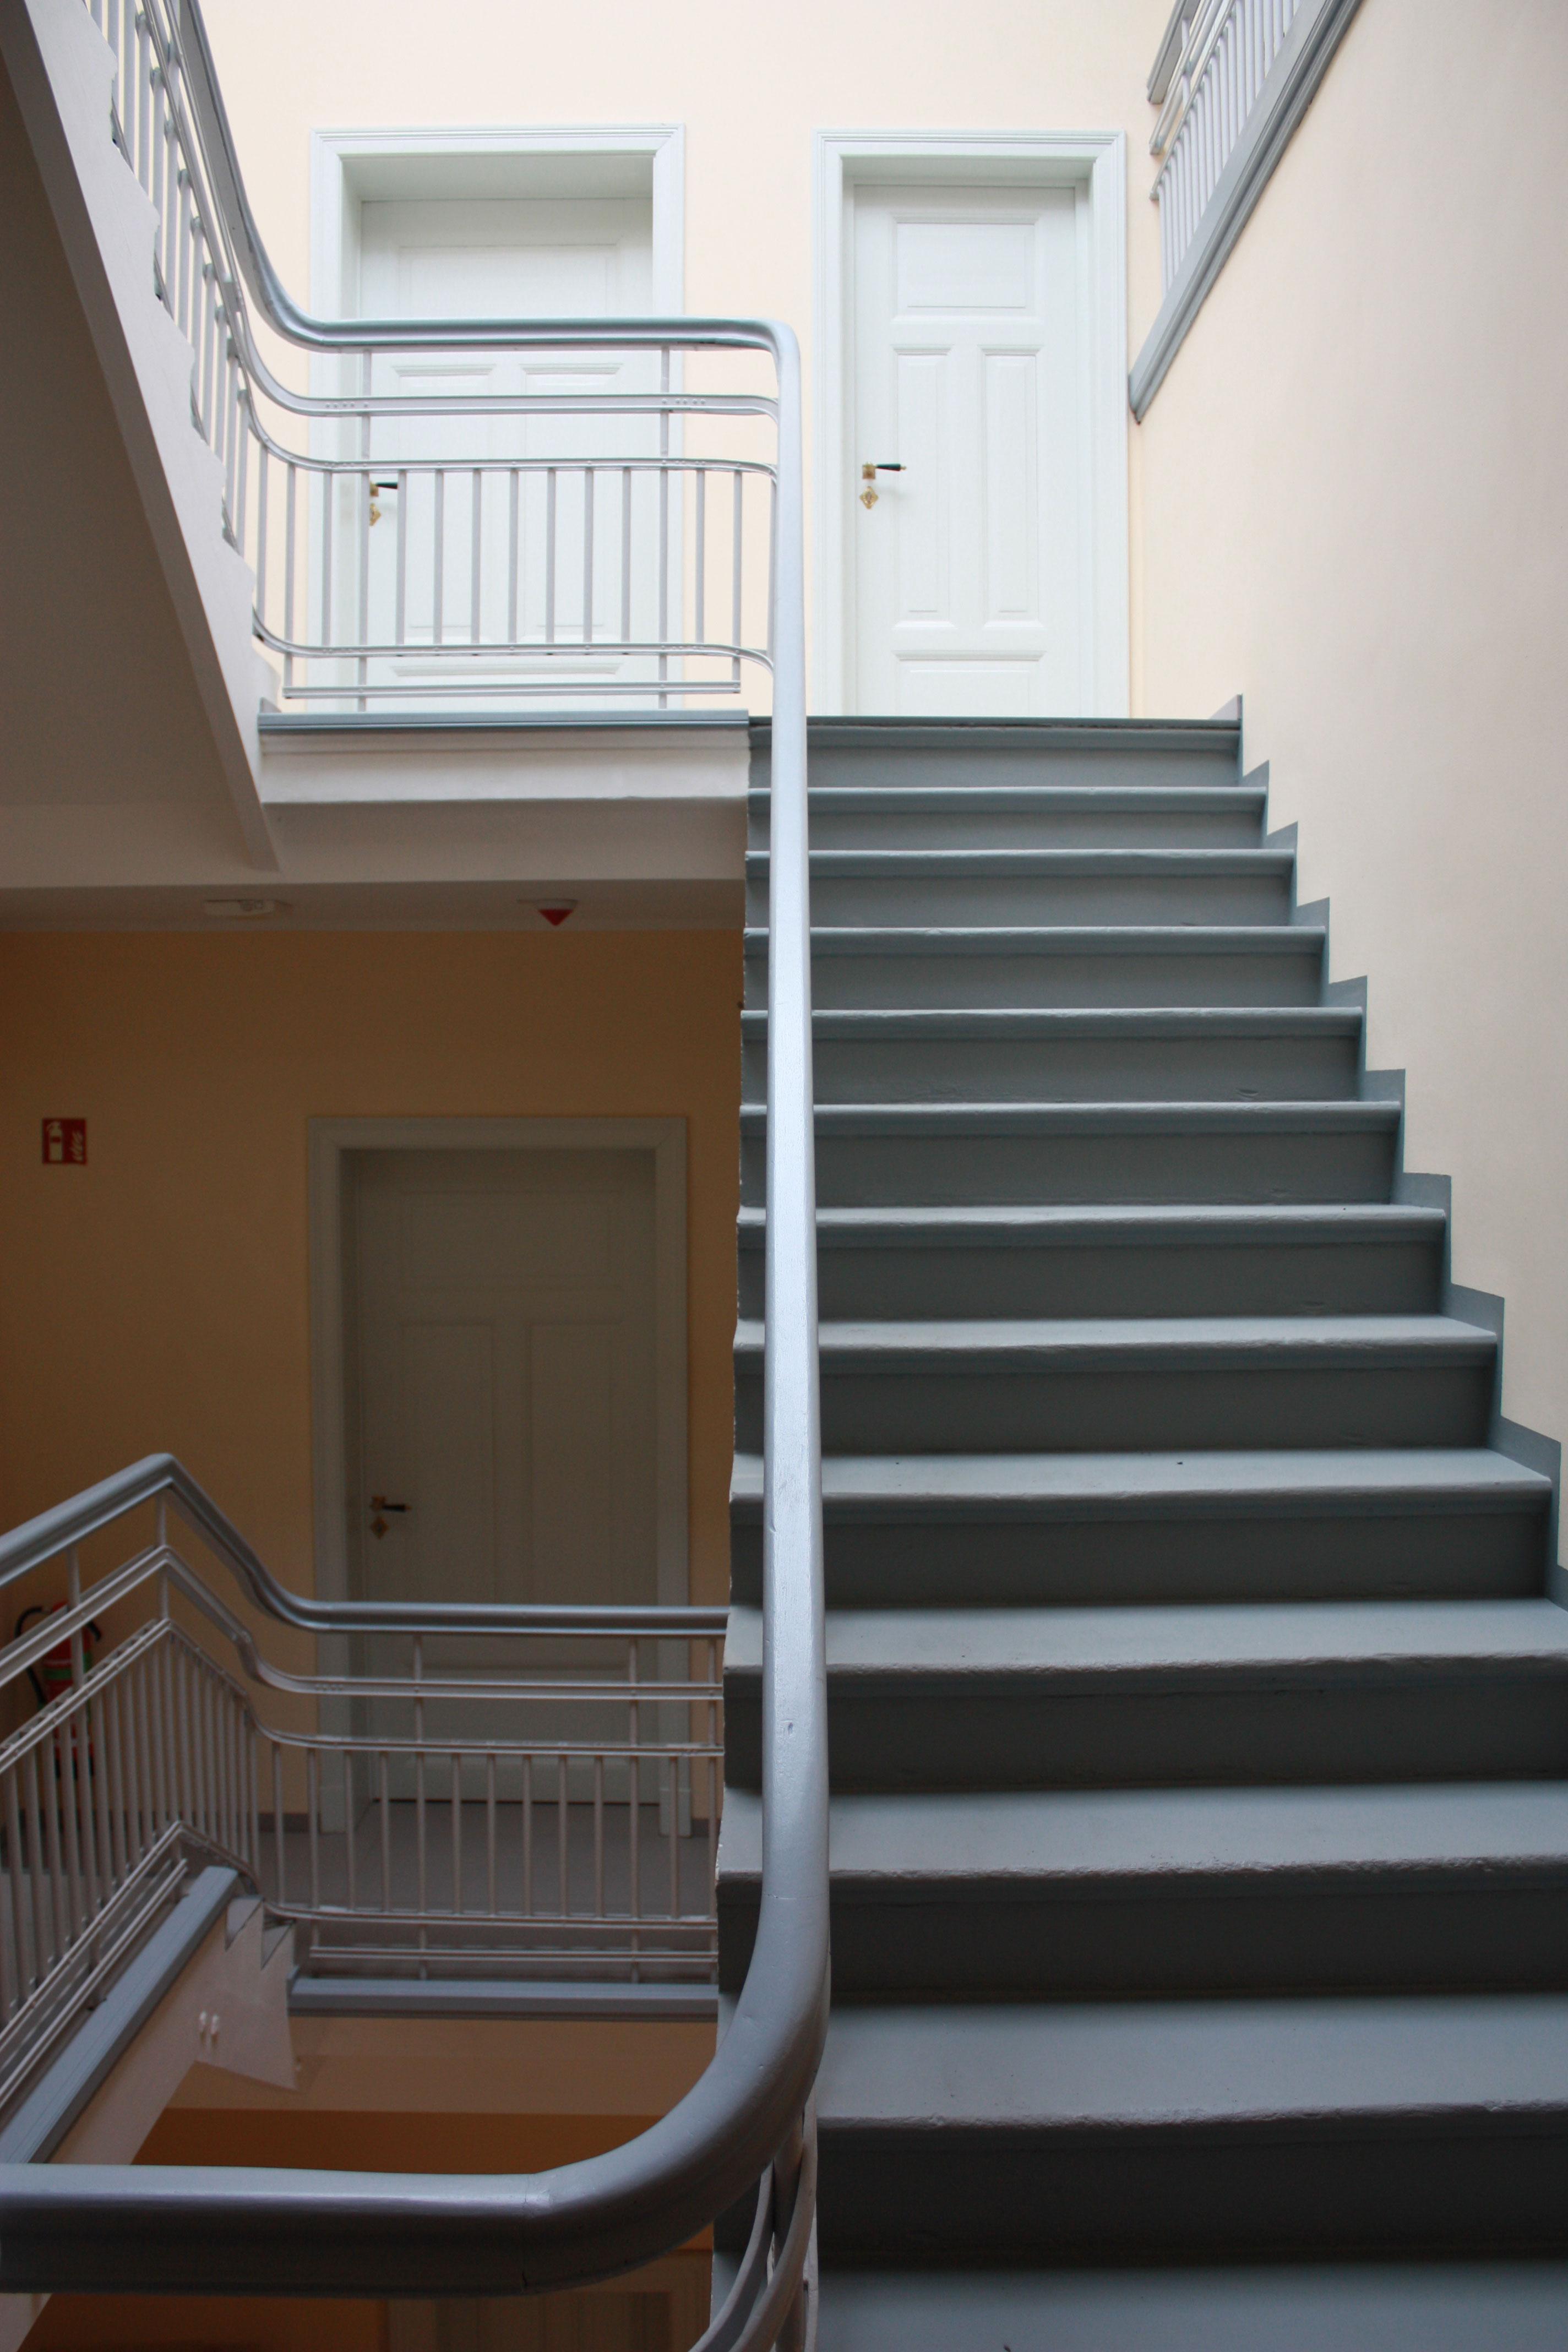 Rostocker Architekturbüro — UT-Architektenbüro